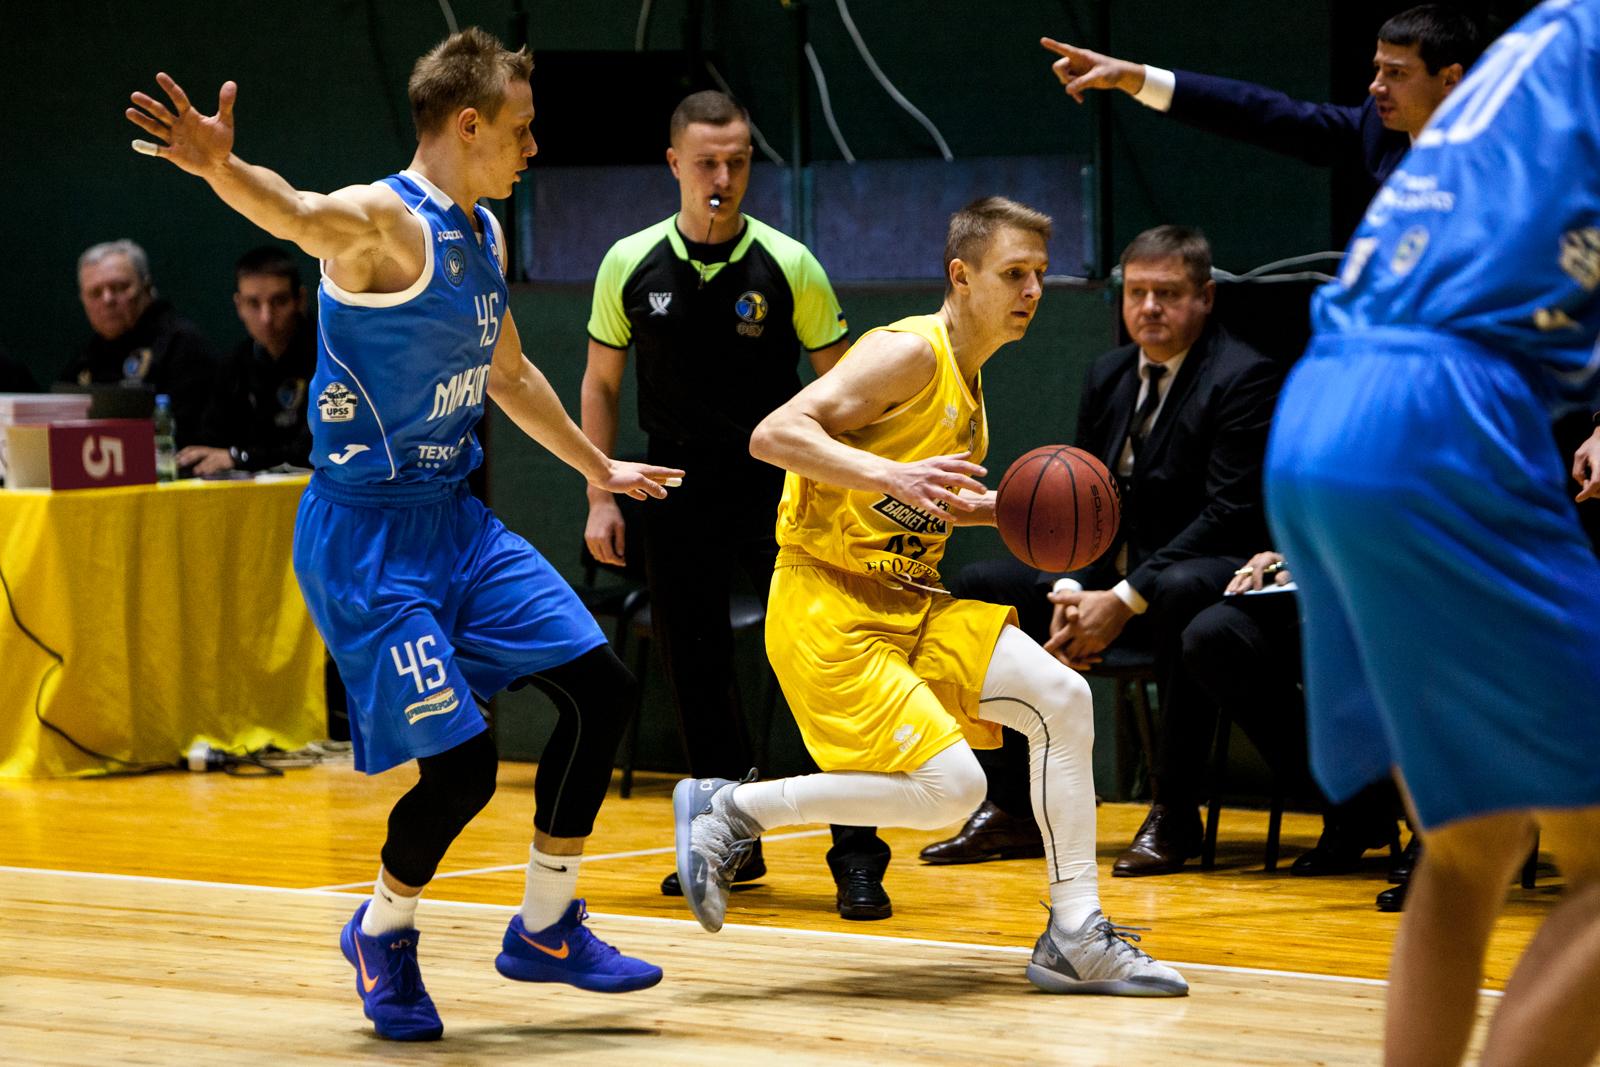 Київ-Баскет та Миколаїв провели перший матч року в чемпіонаті України: фотогалерея